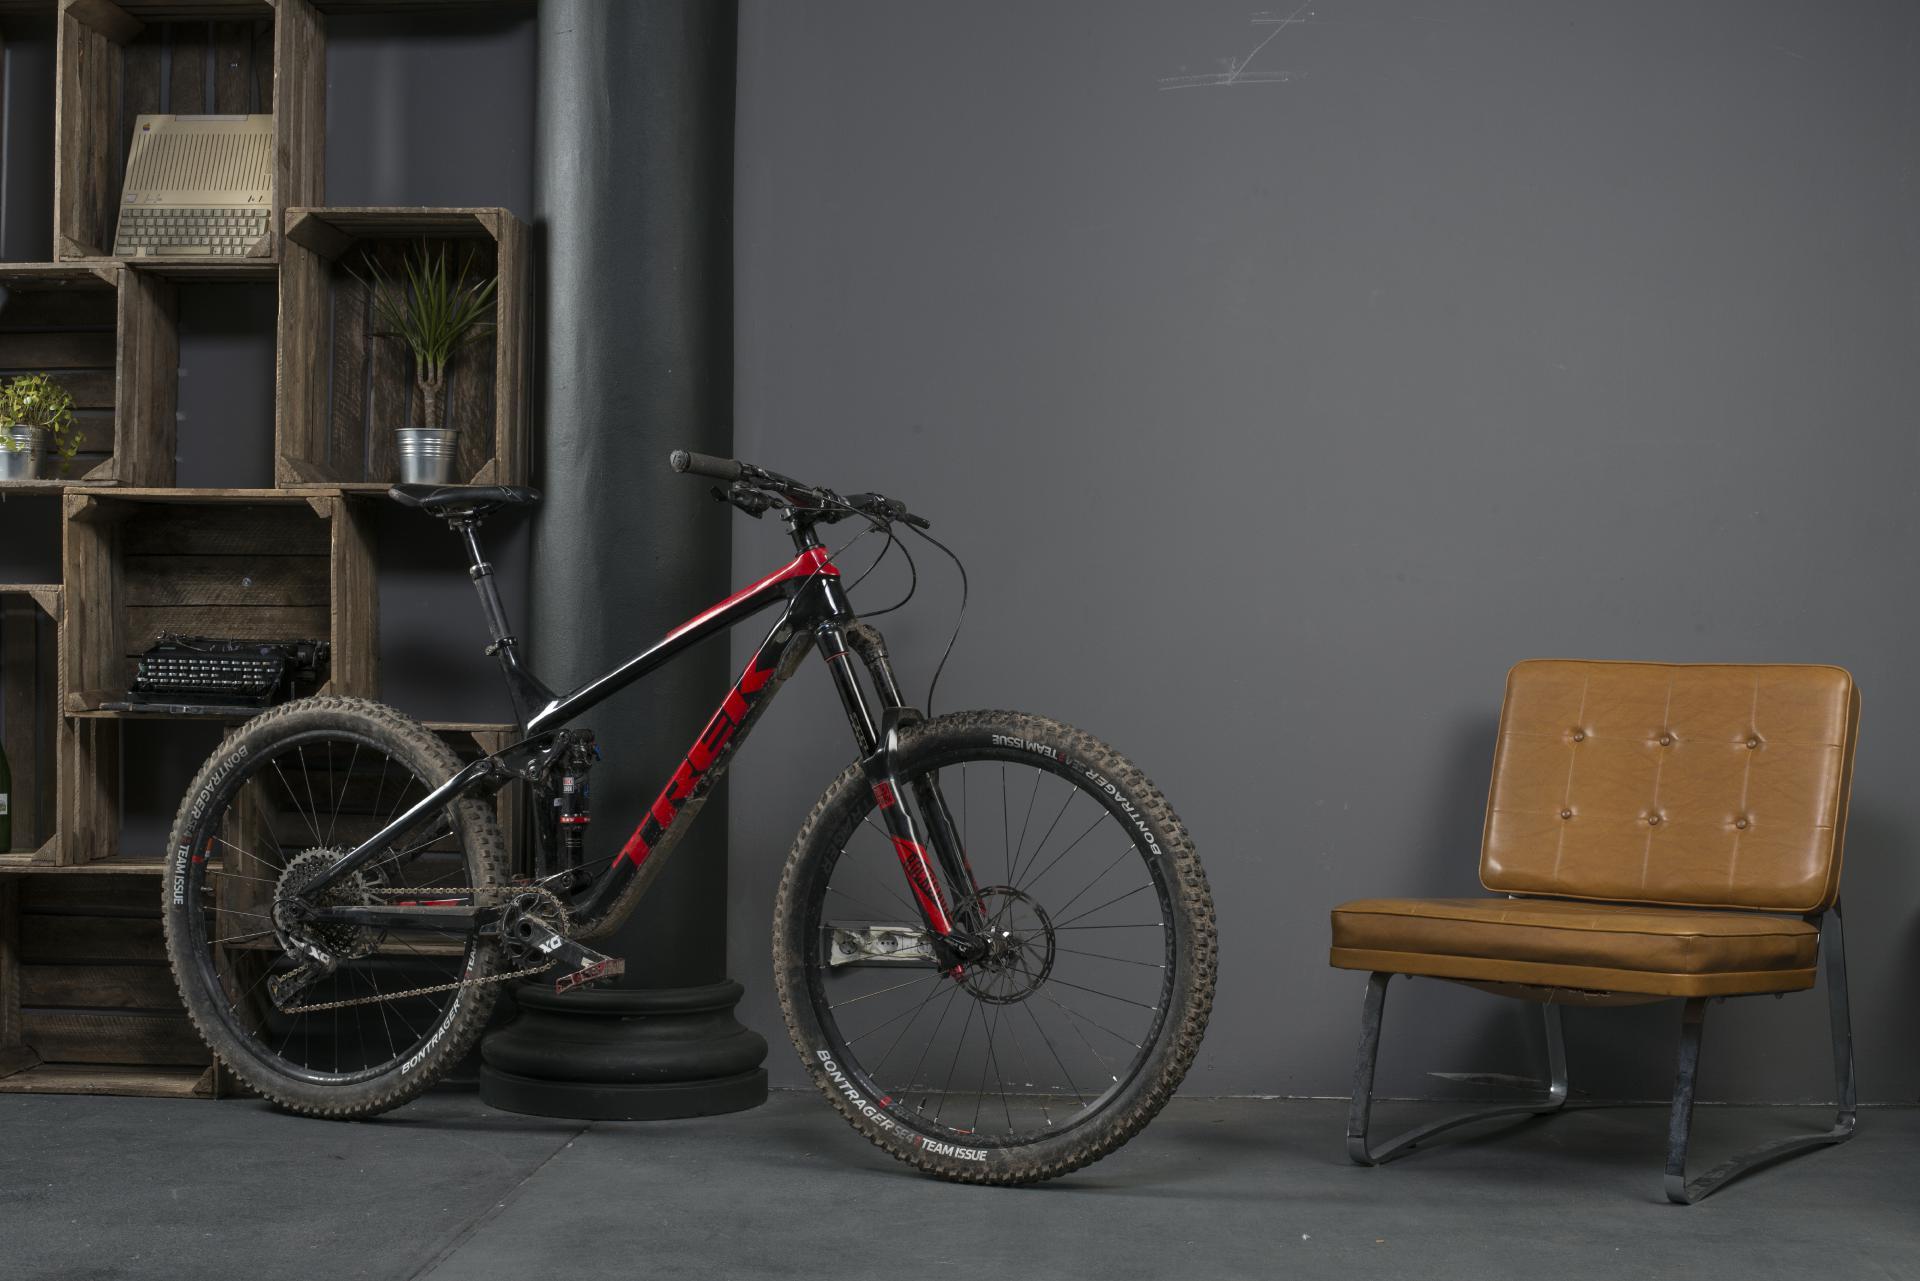 Das Trek Remedy war schon vieles - Freerider Enduro. Trailbike und jetzt? Wir haben es im Praxistest herausgefunden ...